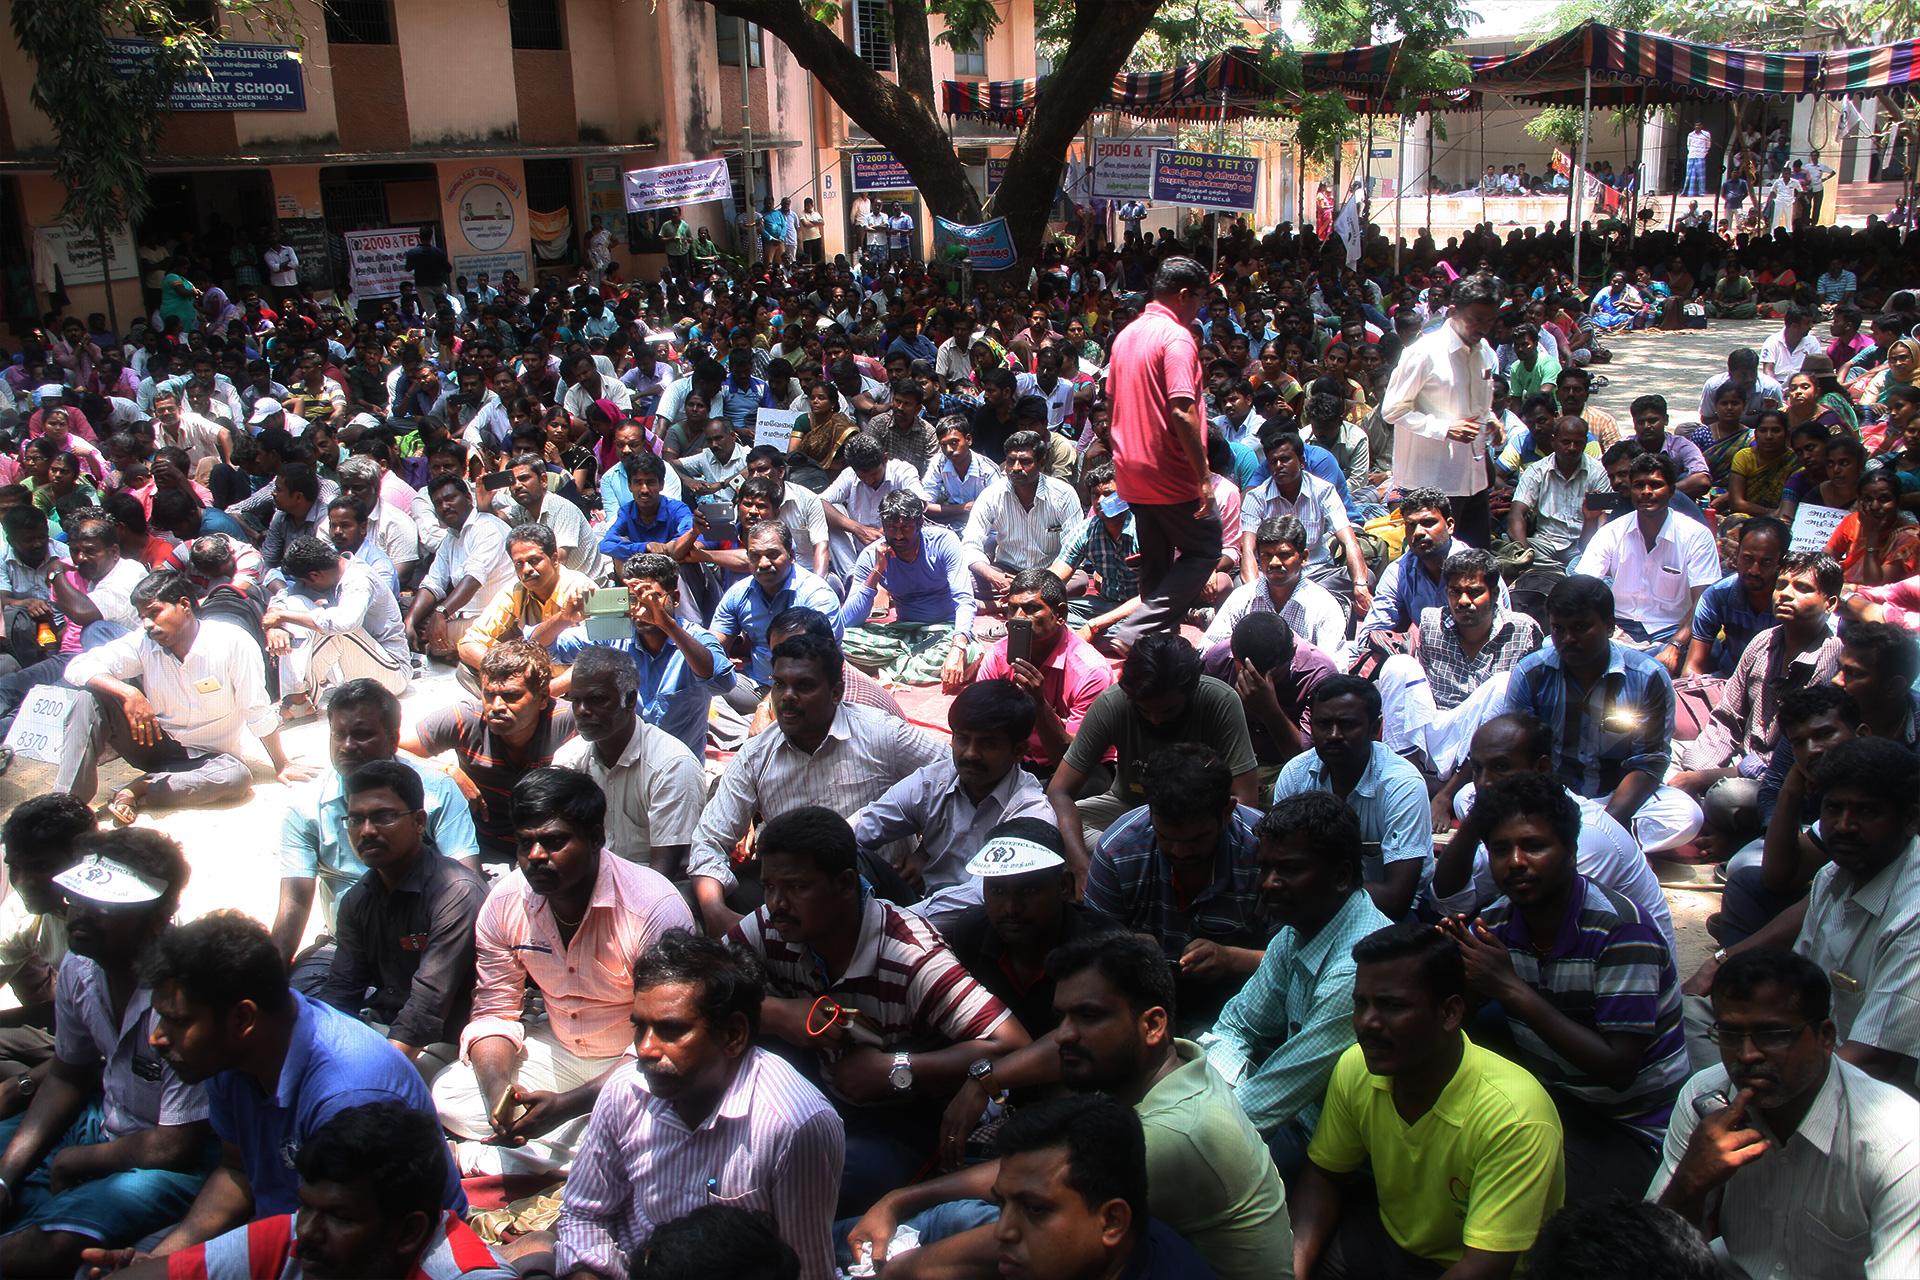 ஊதிய முரண்பாடுகளைக் களையக்கோரி இடைநிலை ஆசிரியர்கள் தொடர் போராட்டம் – சீமான் நேரில் ஆதரவு TET Secondary Teachers Protest Equal Pay For Equal Post Chennai Seeman Support 1